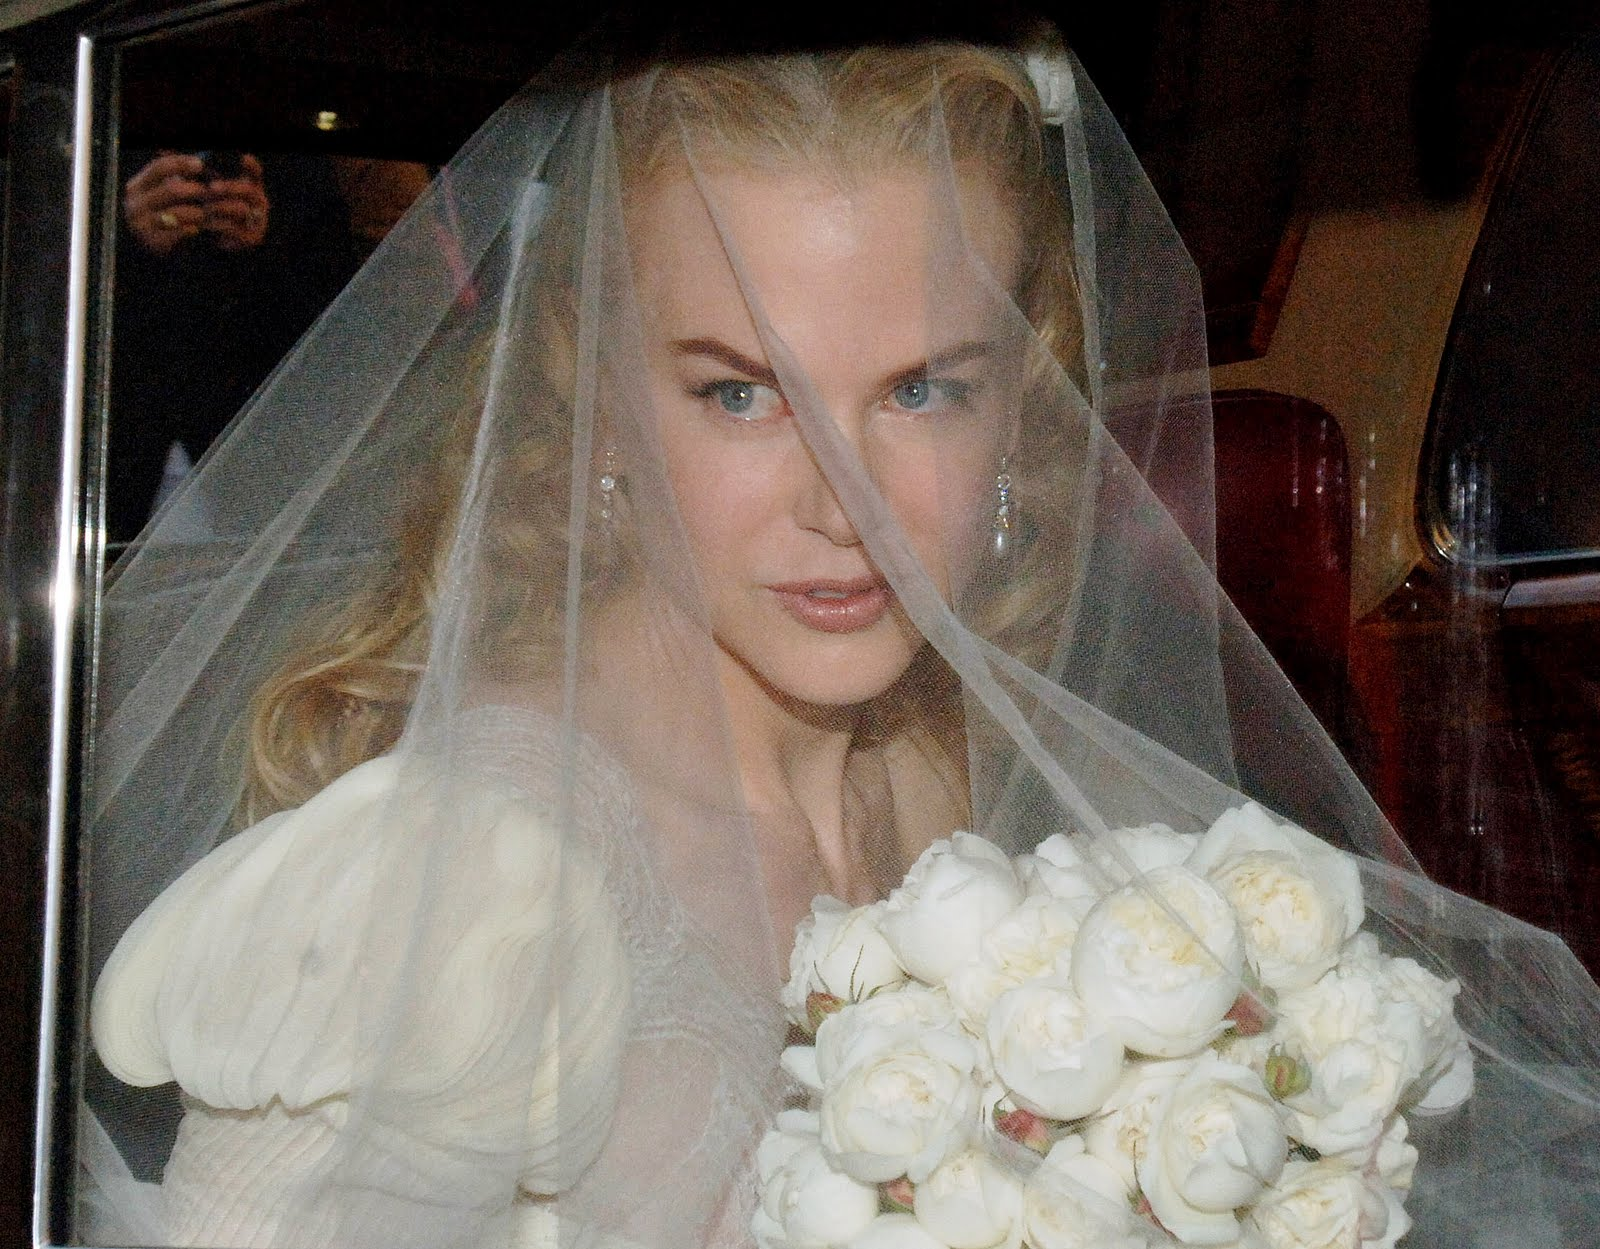 http://4.bp.blogspot.com/-E4_UyuJZXhs/TgxhI0QaYMI/AAAAAAAABV8/q16dGwNe3QI/s1600/Nicole+Kidman+12.jpg